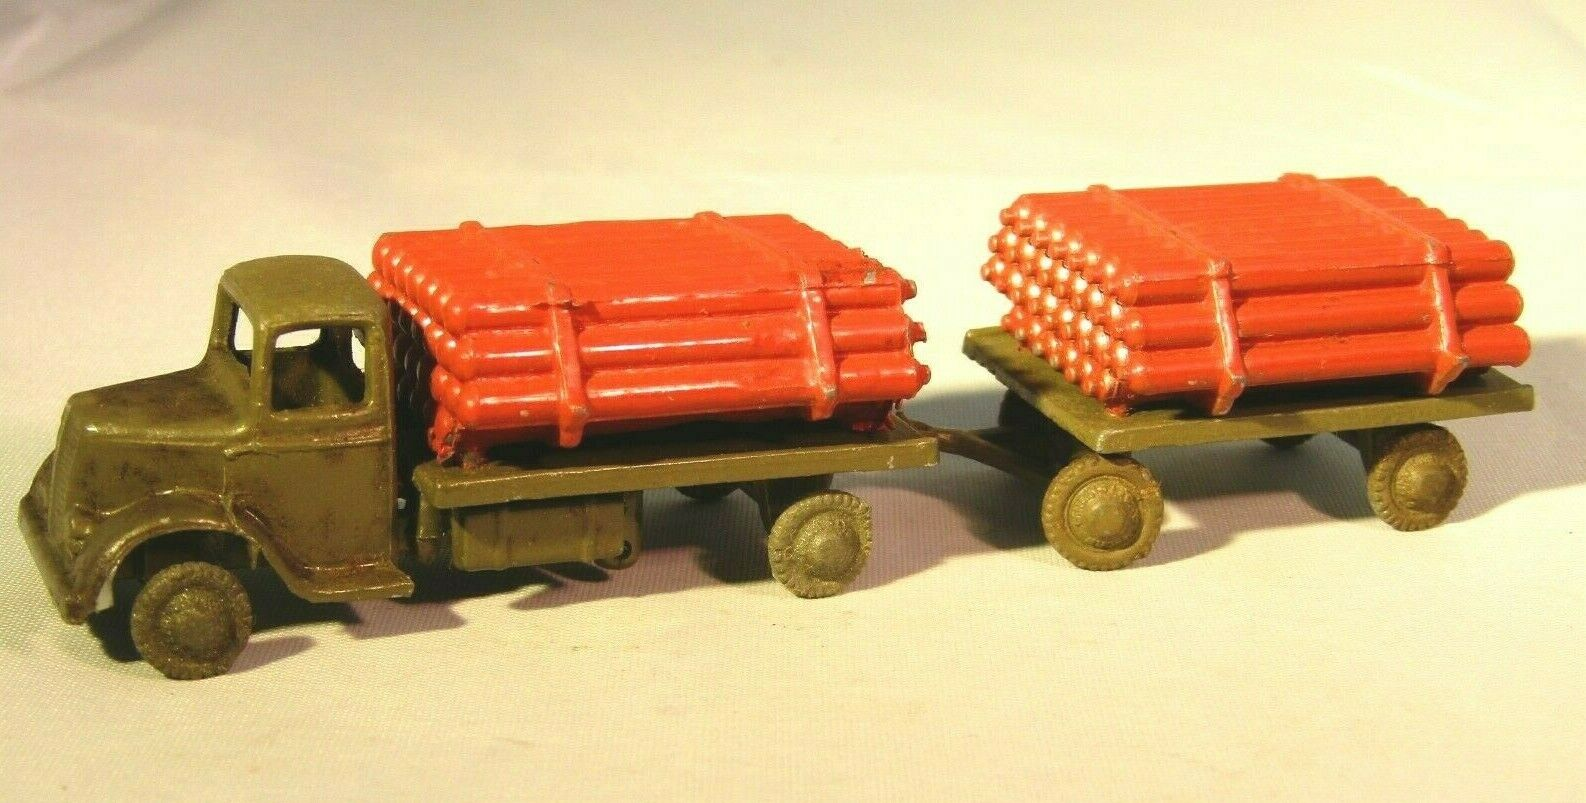 Mycket sällsynta britter OO Gage Gascylinder Lorry och Tjärnväger